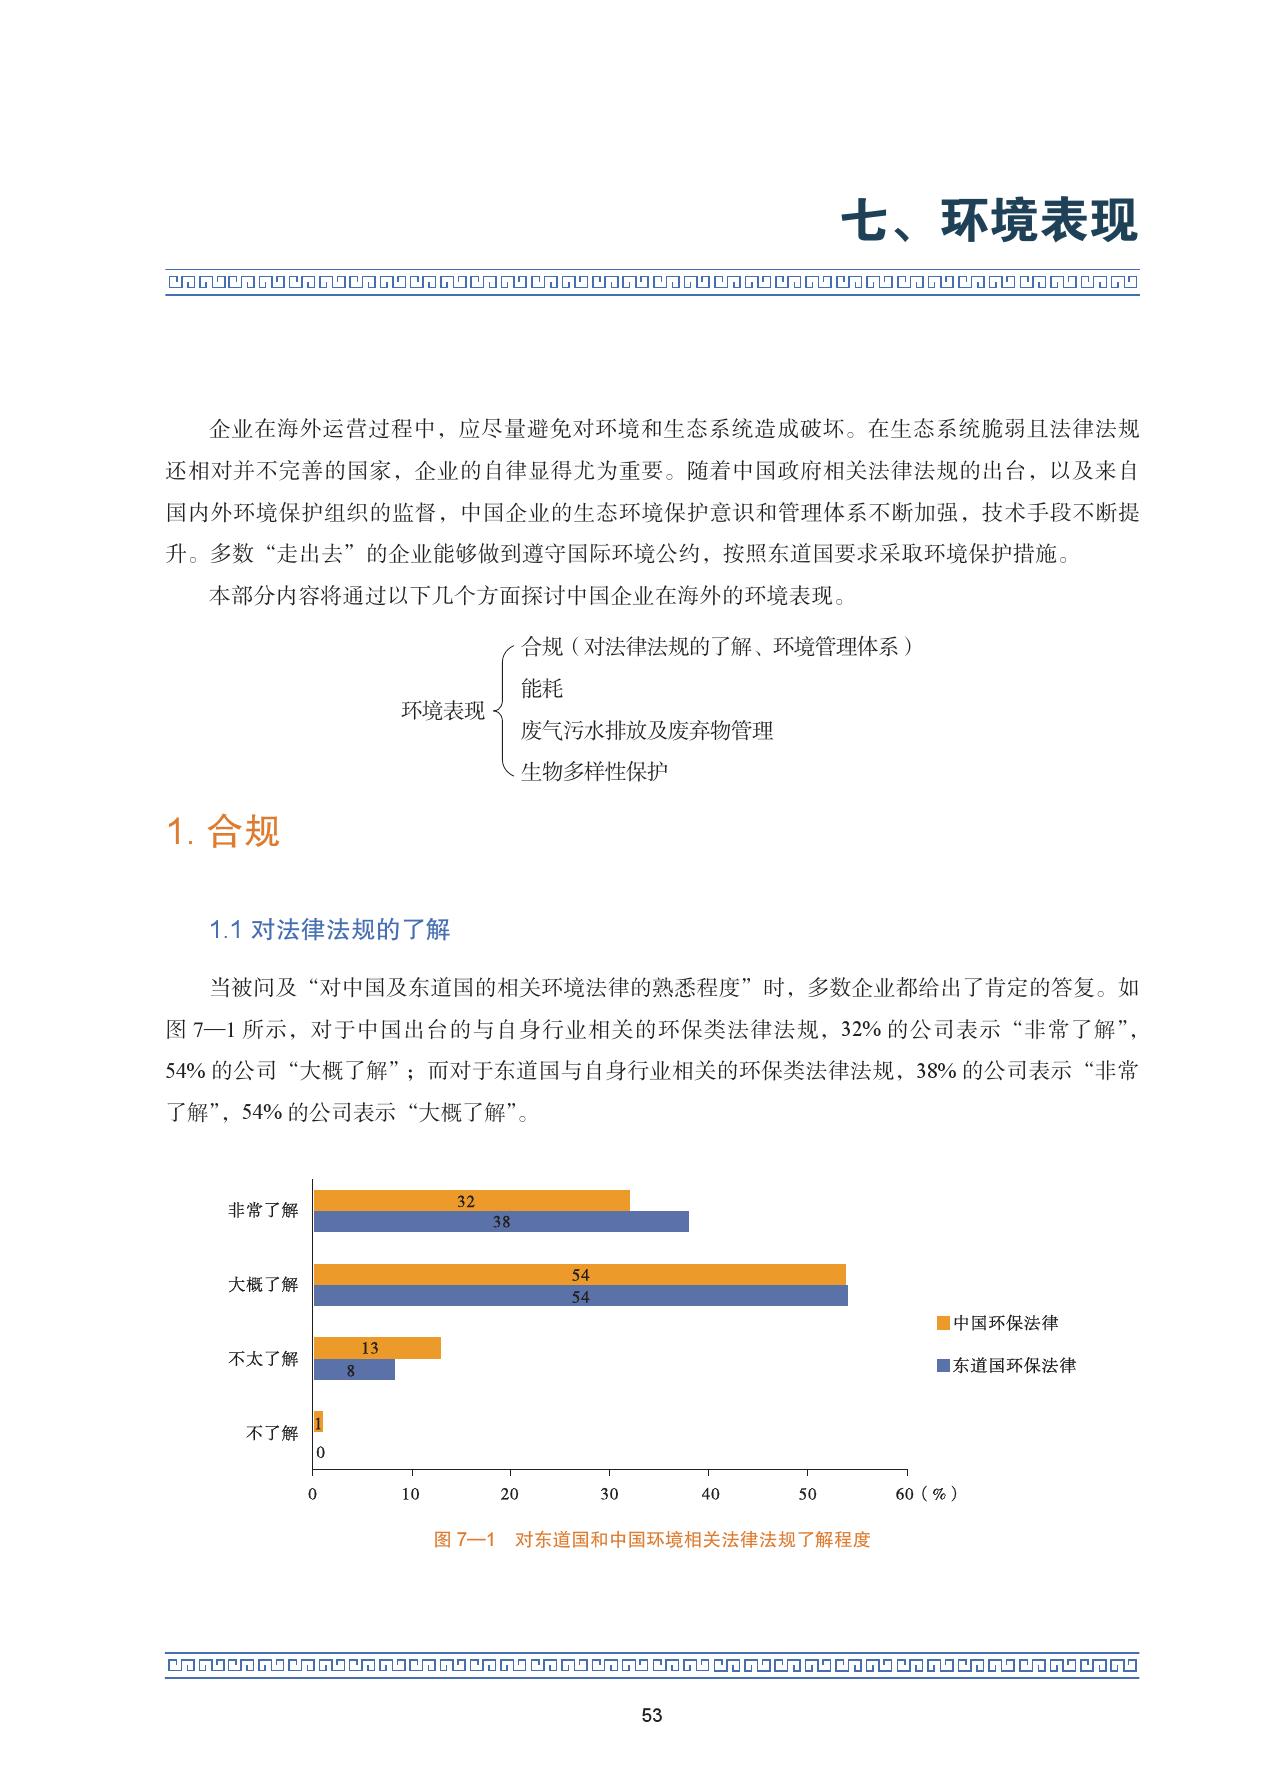 2015中国企业海外可持续发展报告_000067